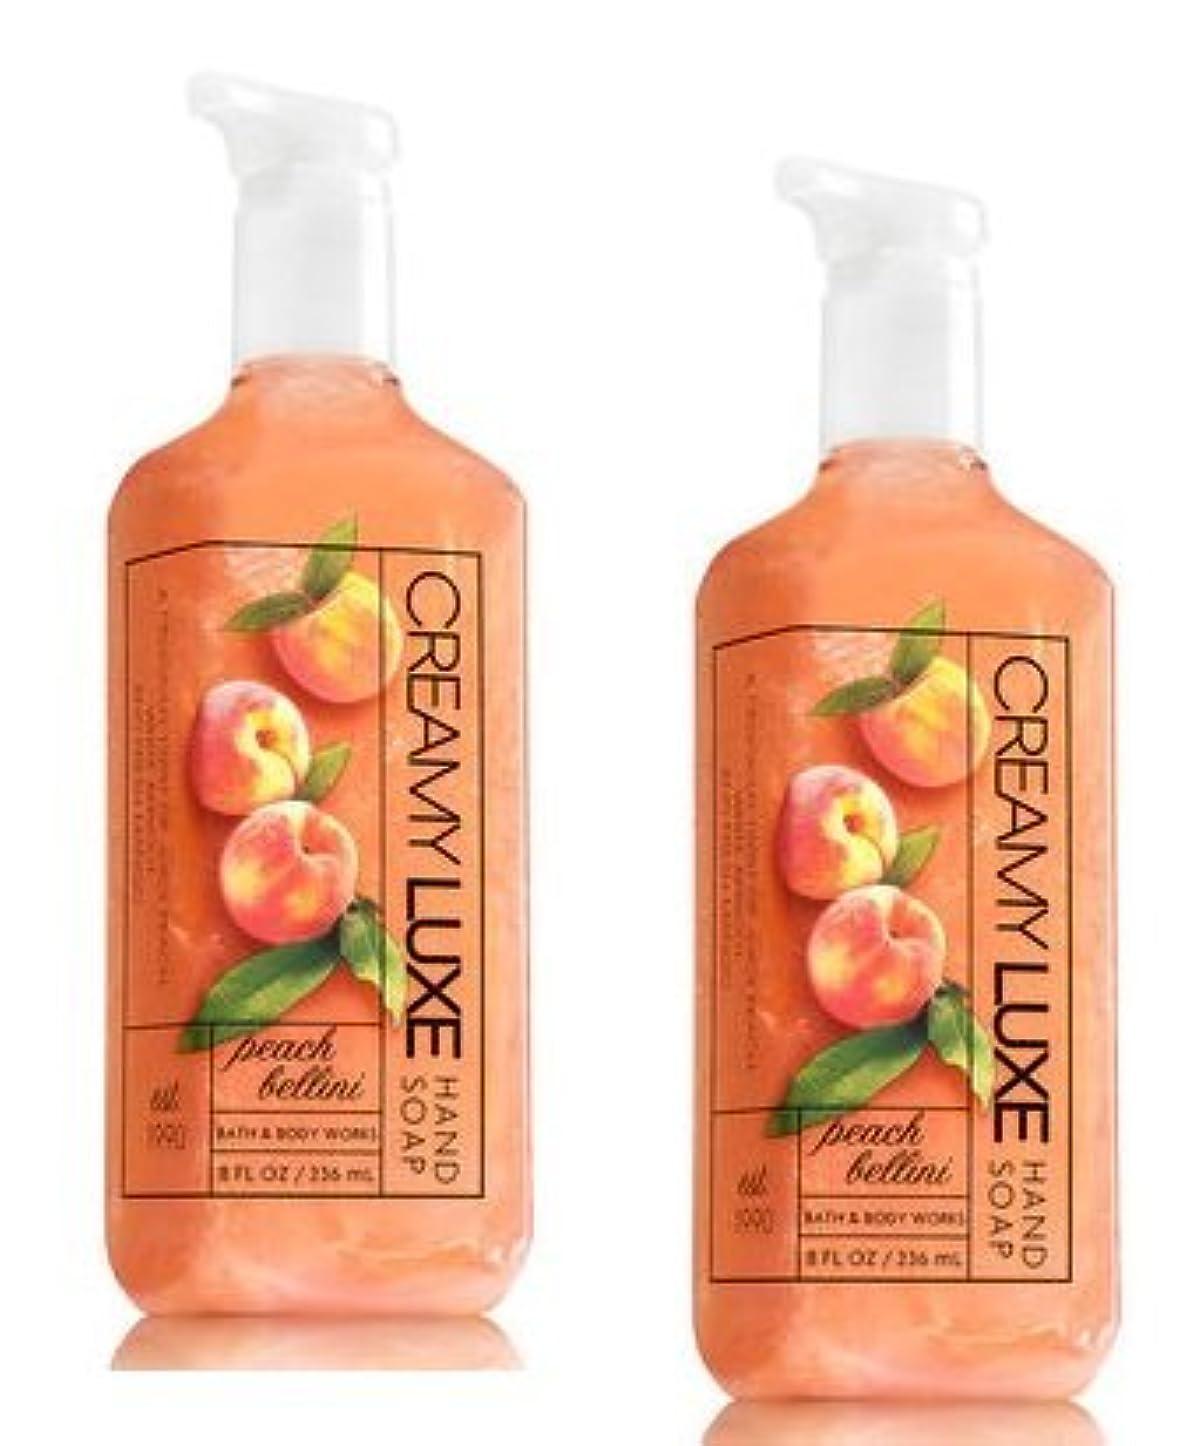 牽引更新引き受けるBath & Body Works ピーチベリーニ クリーミー リュクス ハンドソープ 2本セット PEACH BELLINI Creamy Luxe Hand Soap. 8 oz 236ml [並行輸入品]